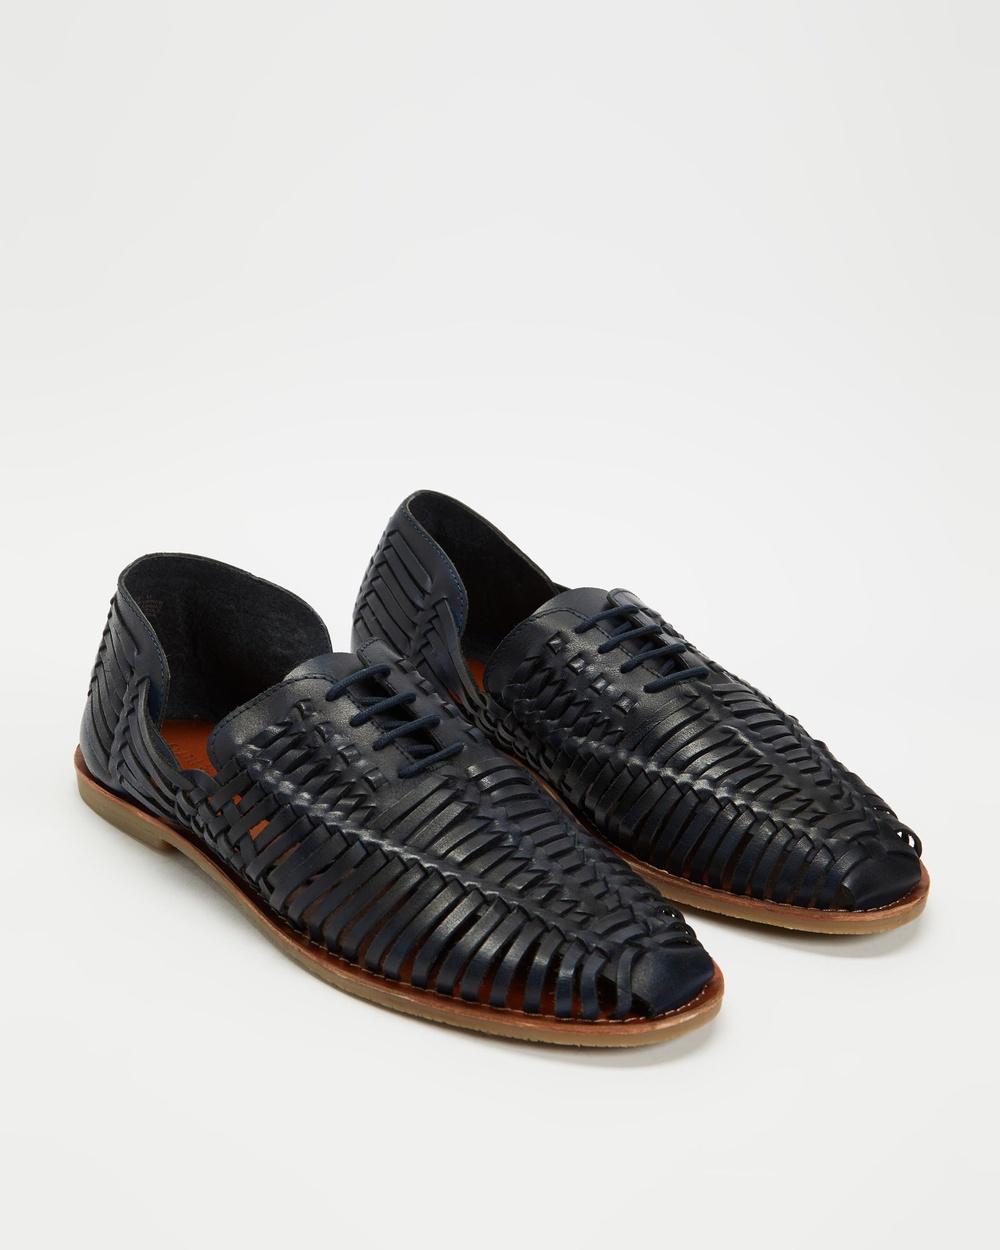 Staple Superior Apollo Woven Huarache Casual Shoes Navy